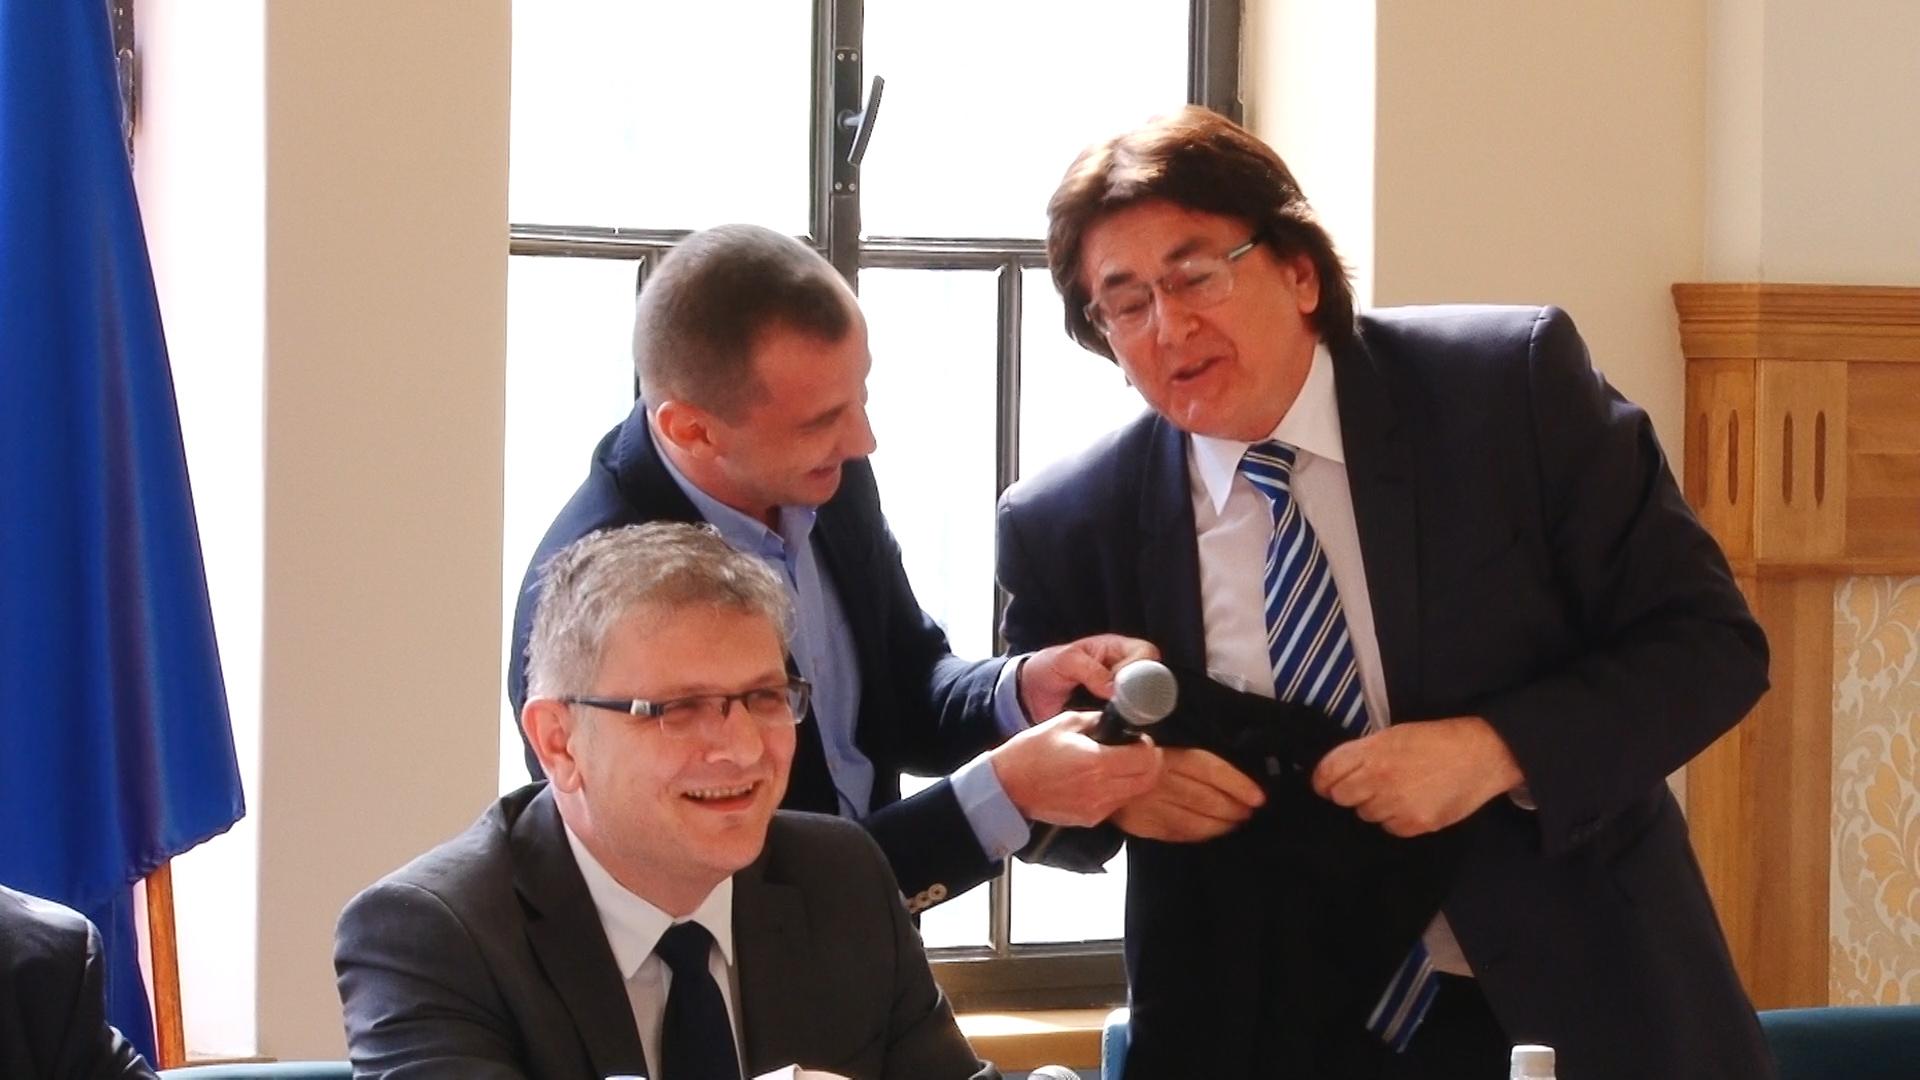 Primarul Robu şi consilierul Simonis, dispută pe… anchetatul Popoviciu.Still007